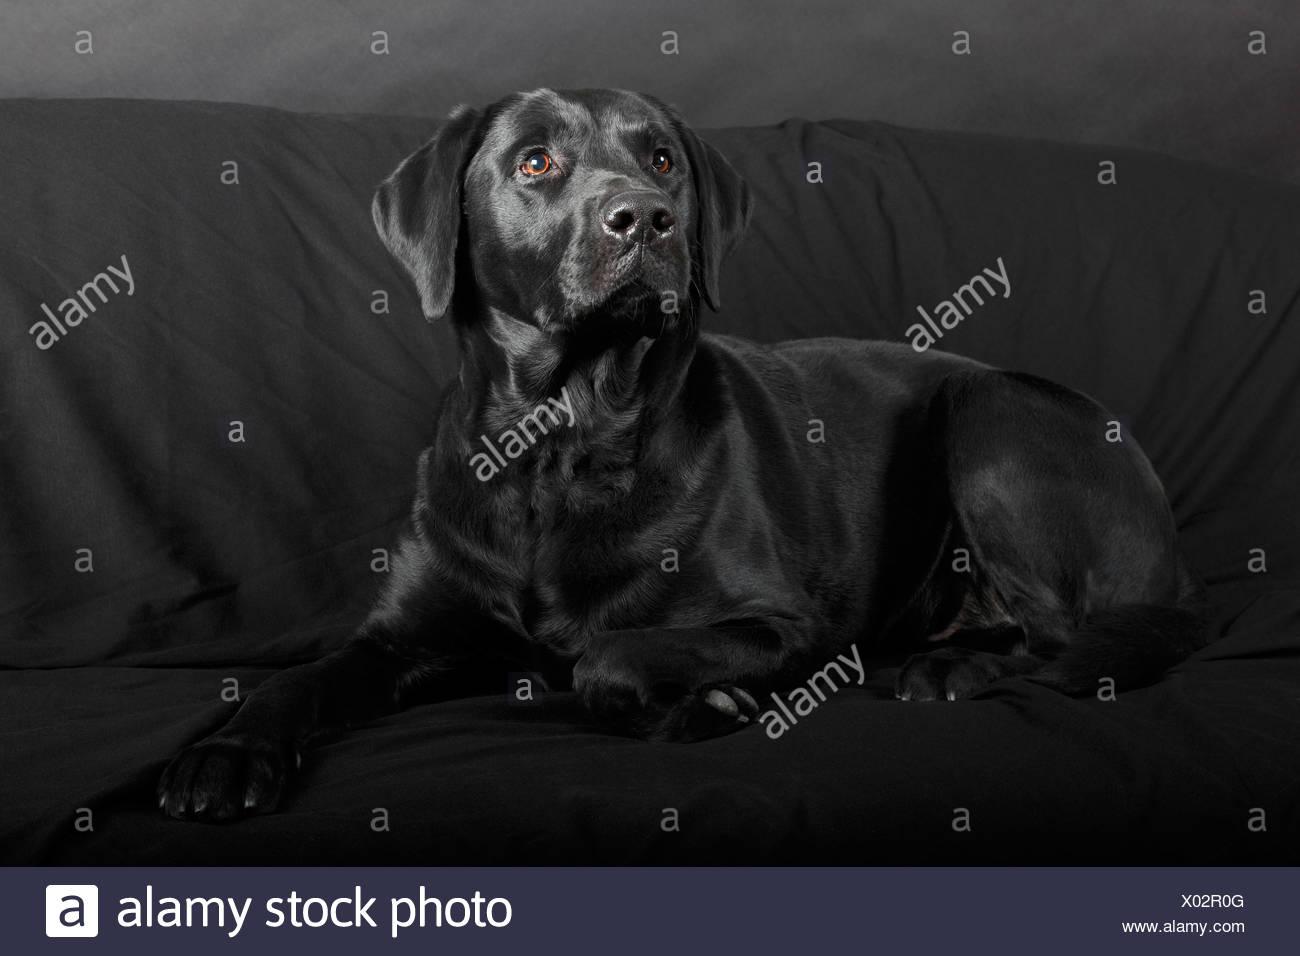 Labrador Retriever negro, macho, acostado en un sofá negro, Alemania Imagen De Stock